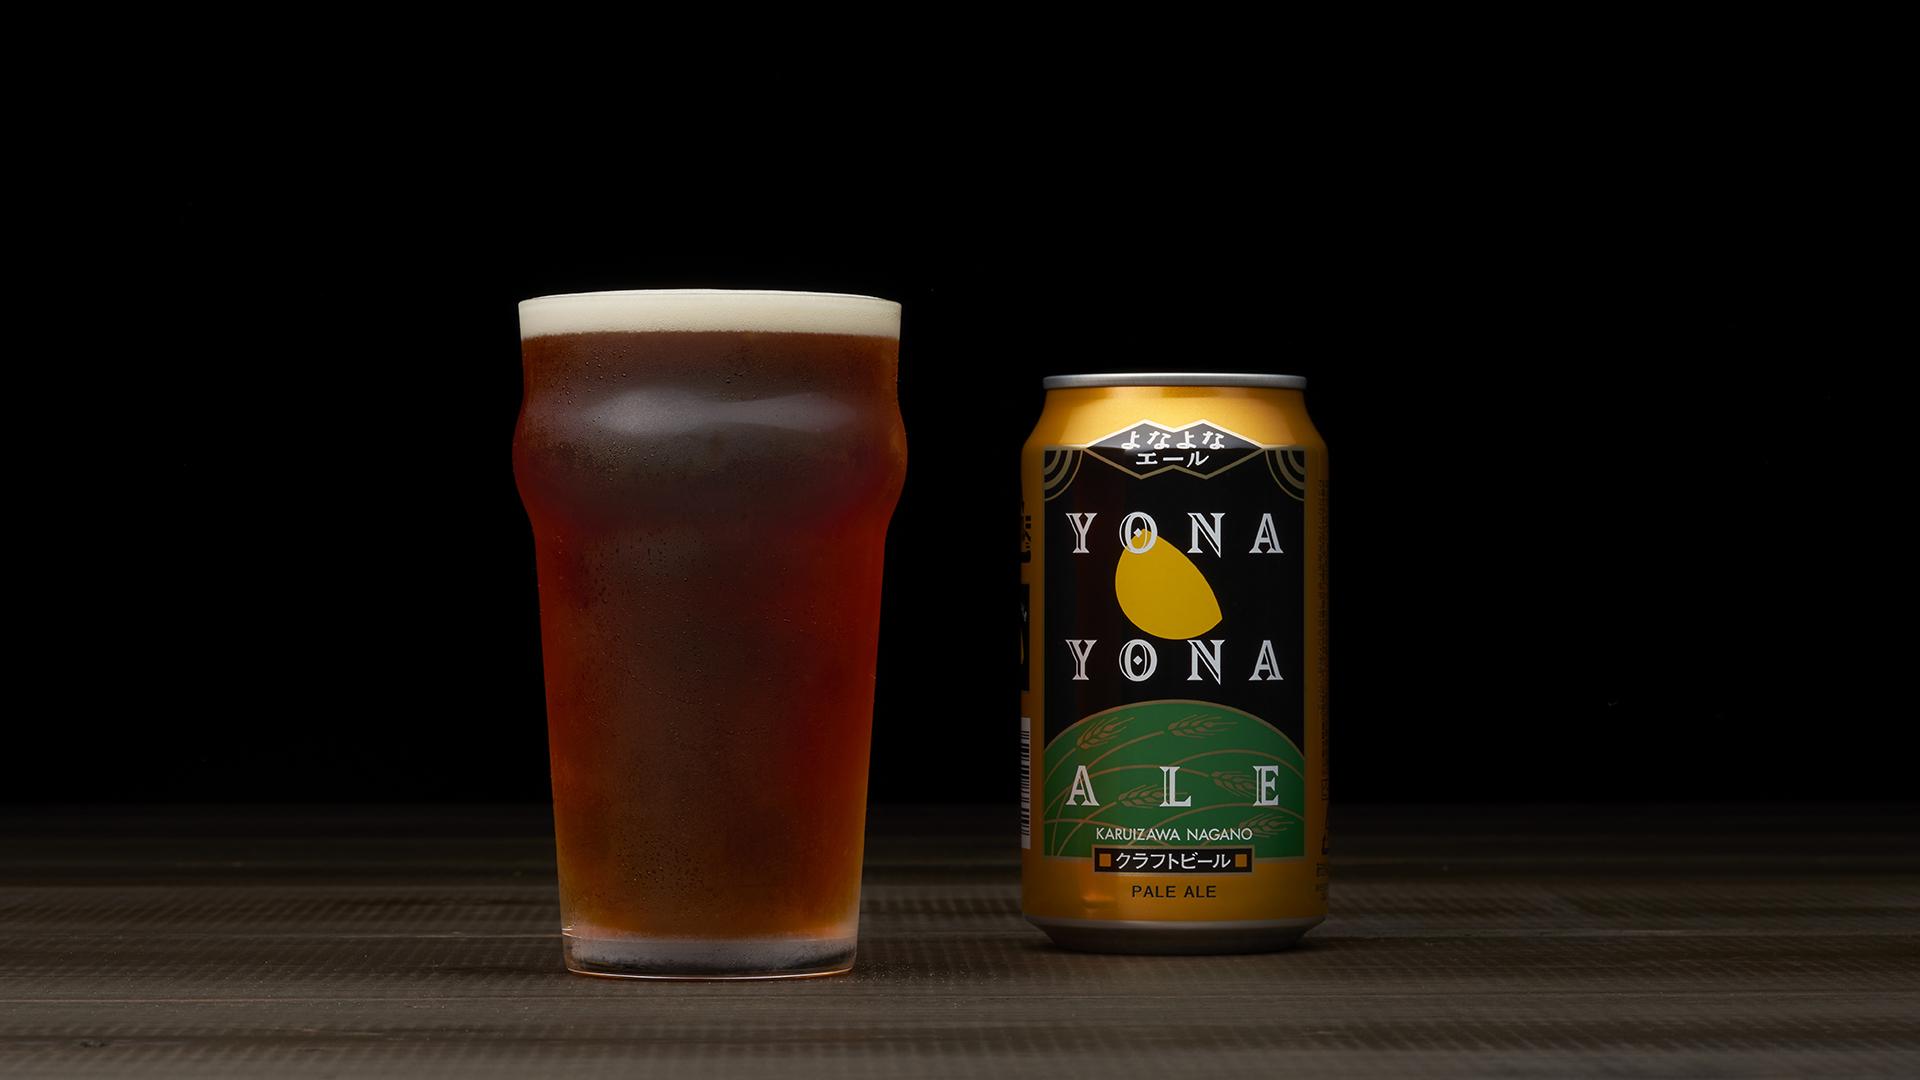 19_yona_01 【クラフトビール好き必見】よなよなエールご担当者に聞く、アウトドア料理に合うビール7選!